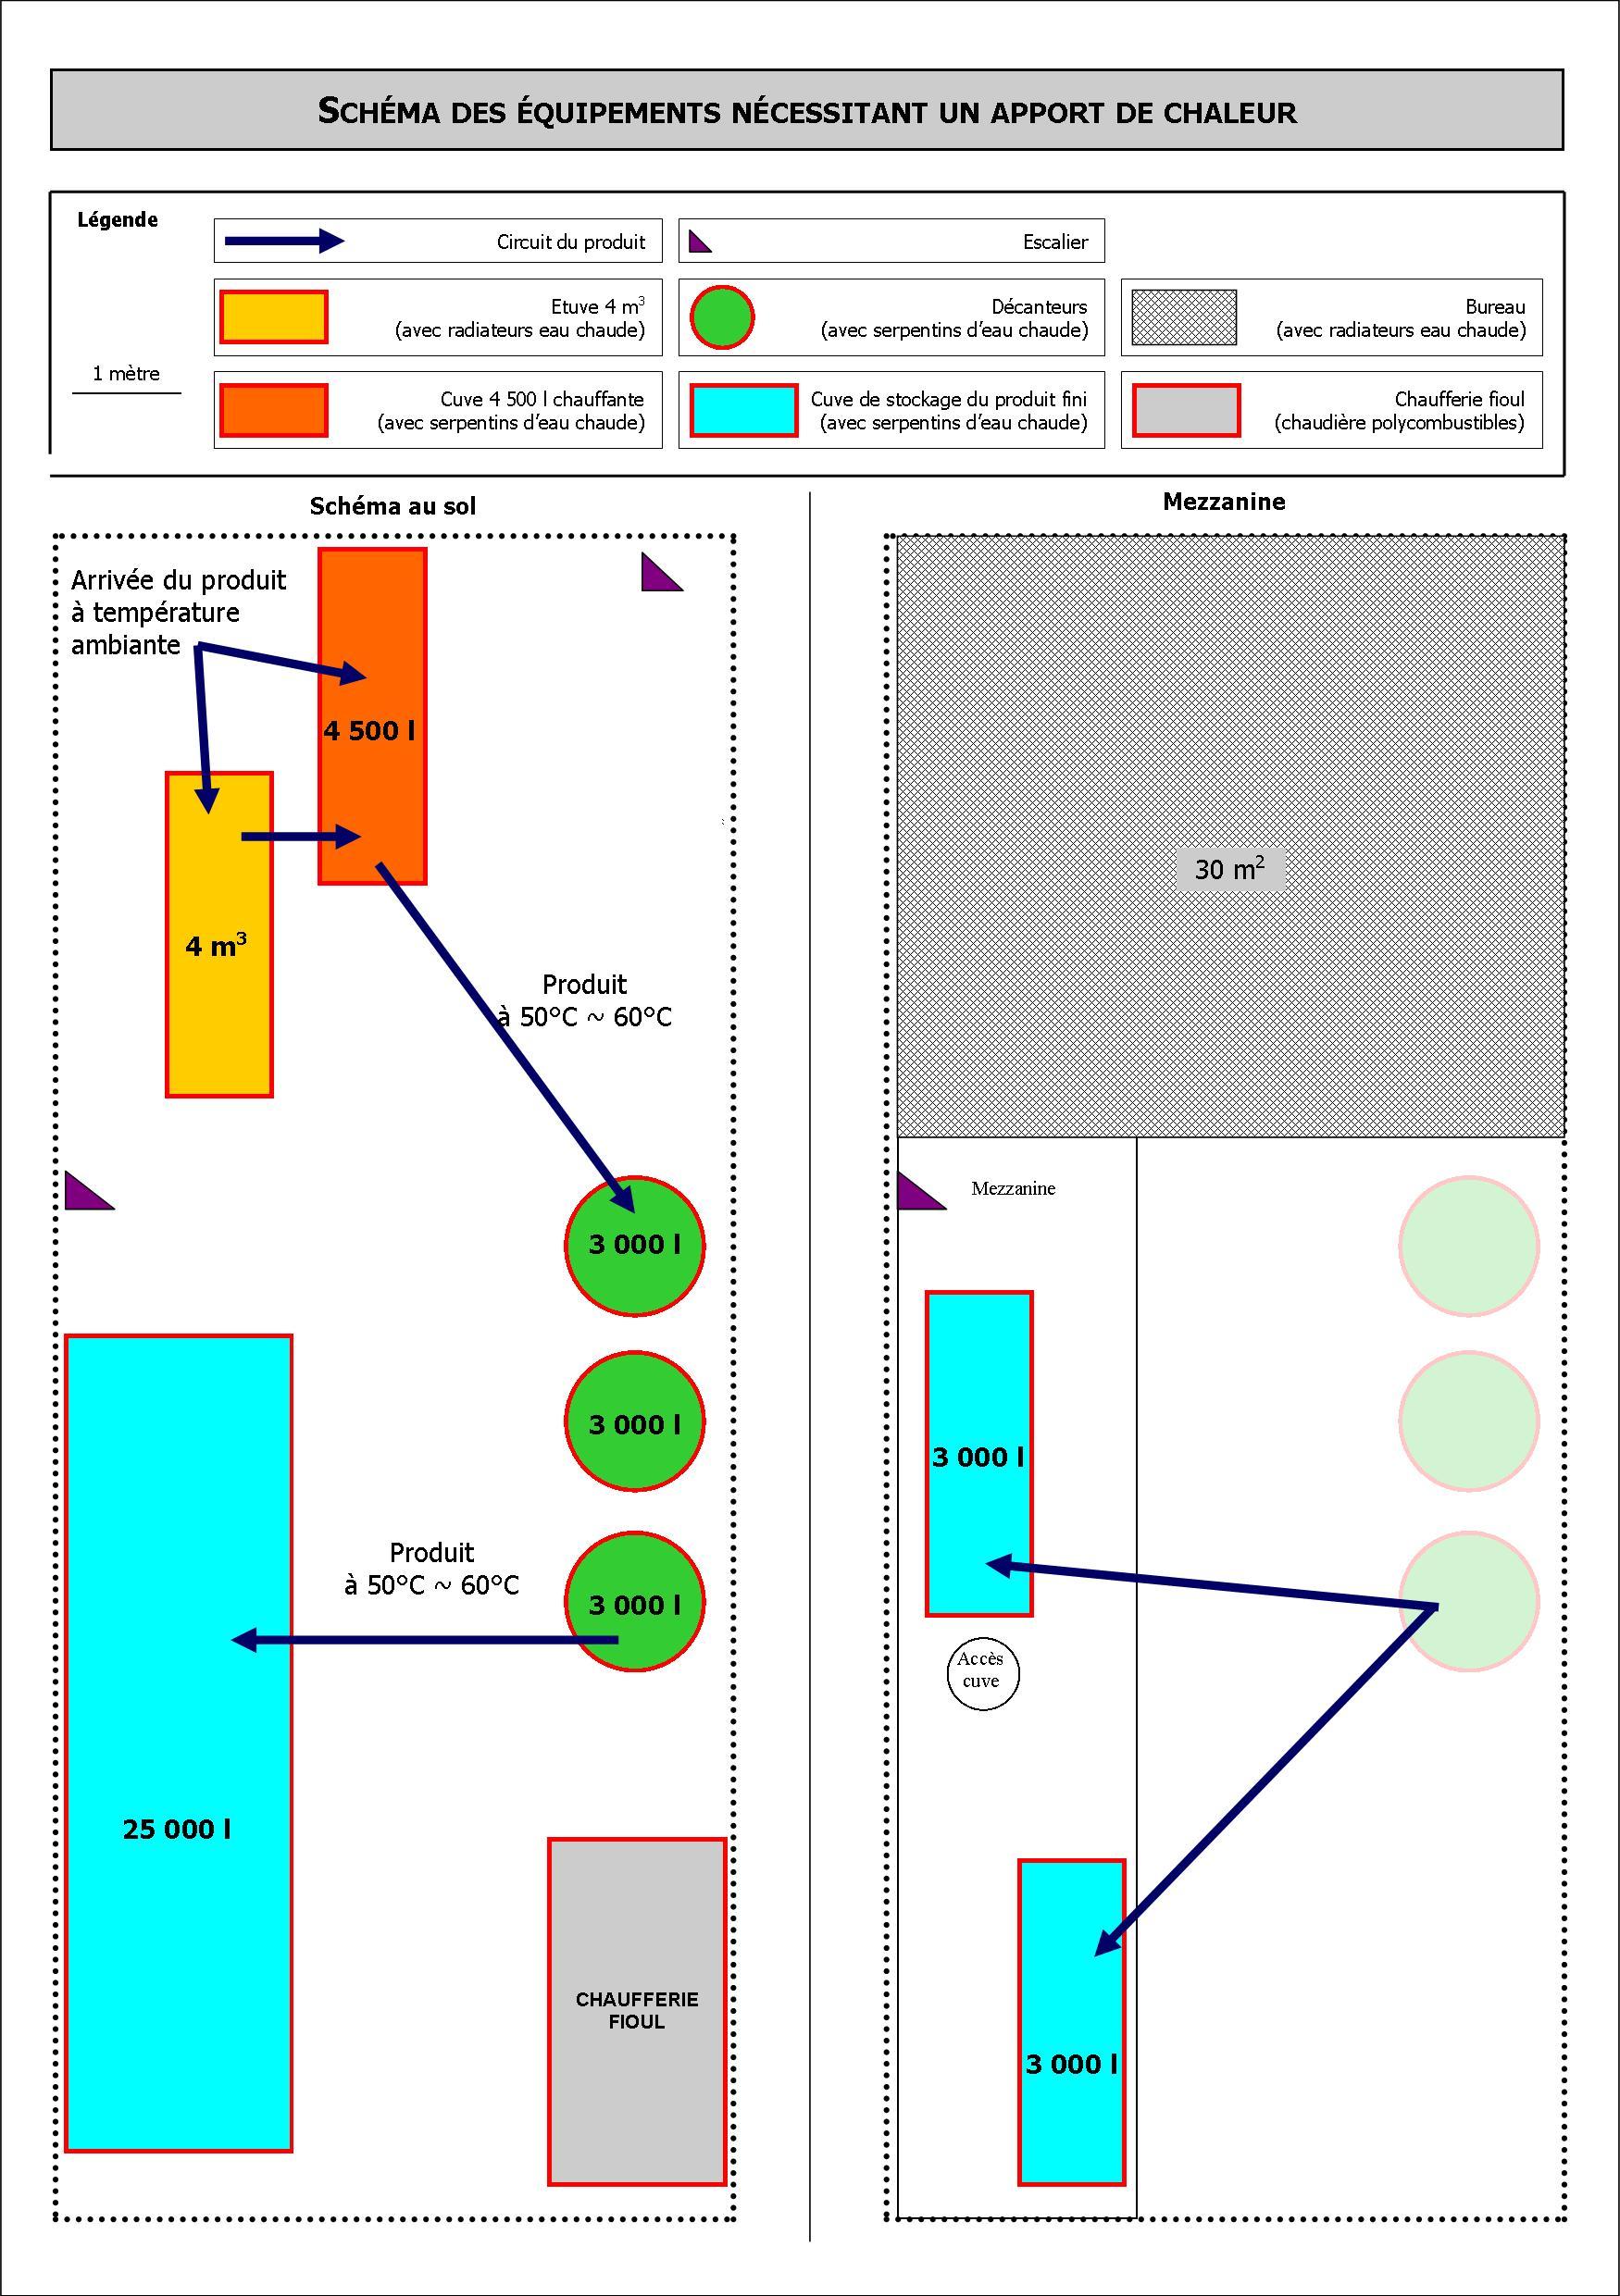 https://plombiers-reunis.com/Host/images/1271024609-equipements.jpg